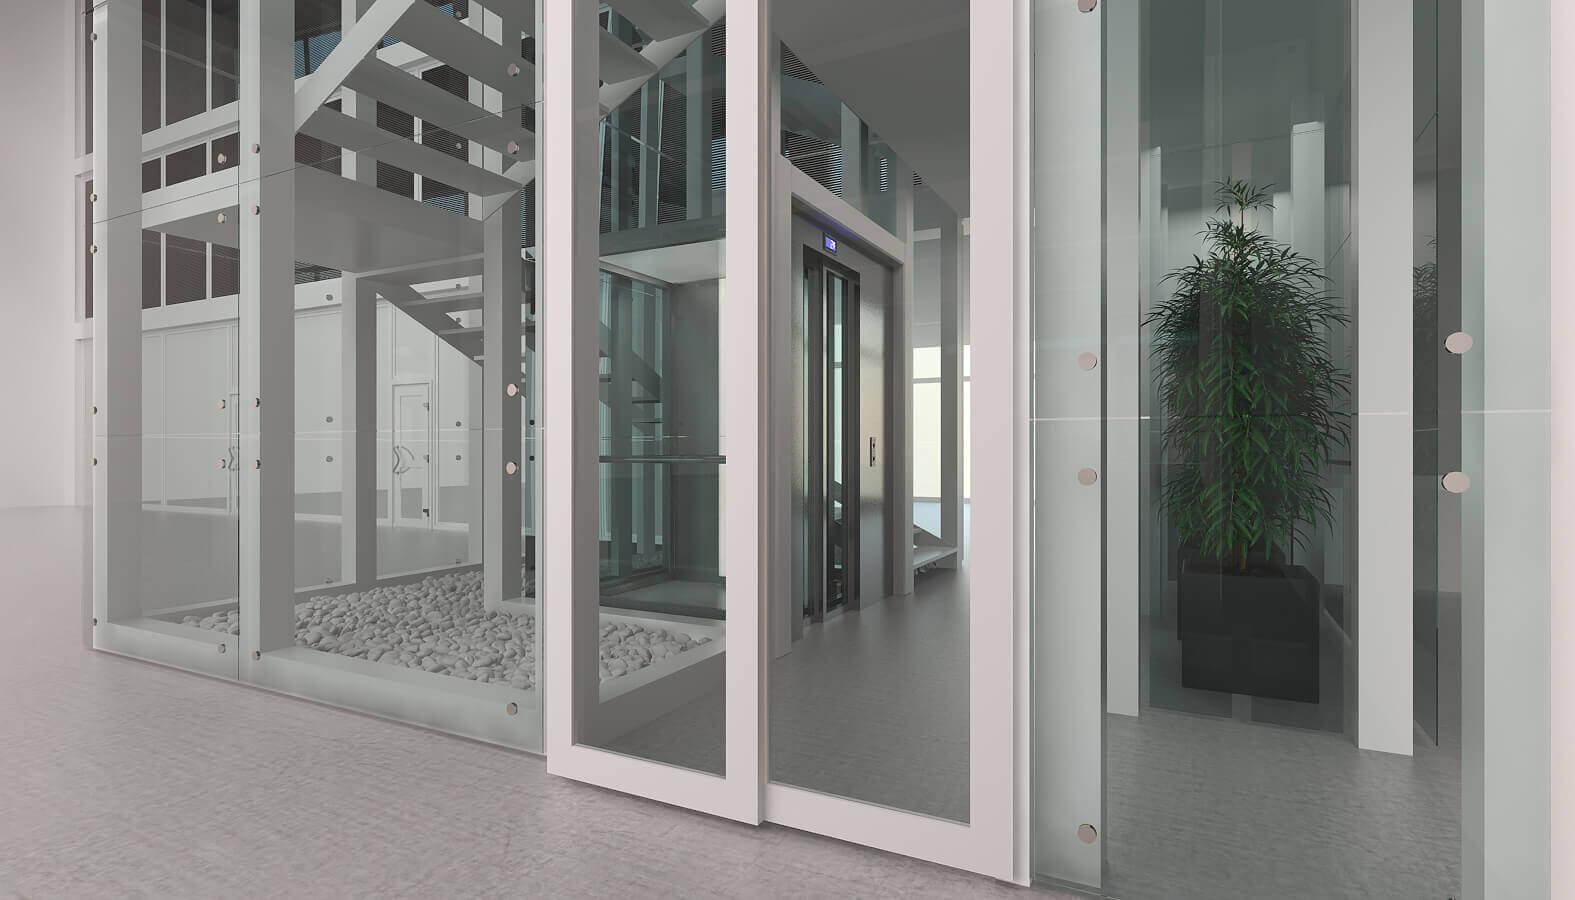 ofis içmimari 3672 Saygın Savunma ve Havacılık Ofisler